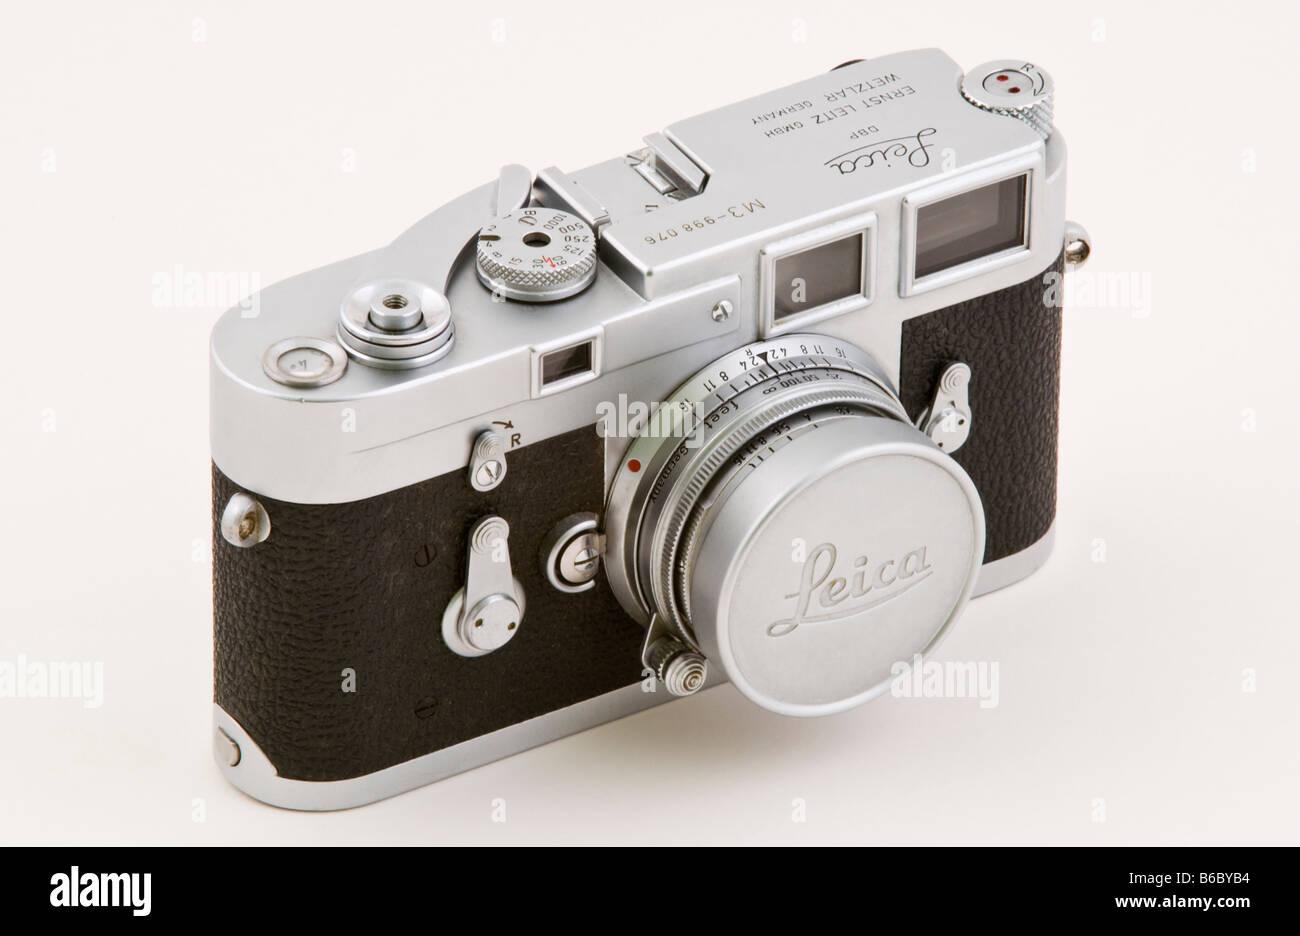 Klassische leica m entfernungsmesser filmkamera stockfoto bild